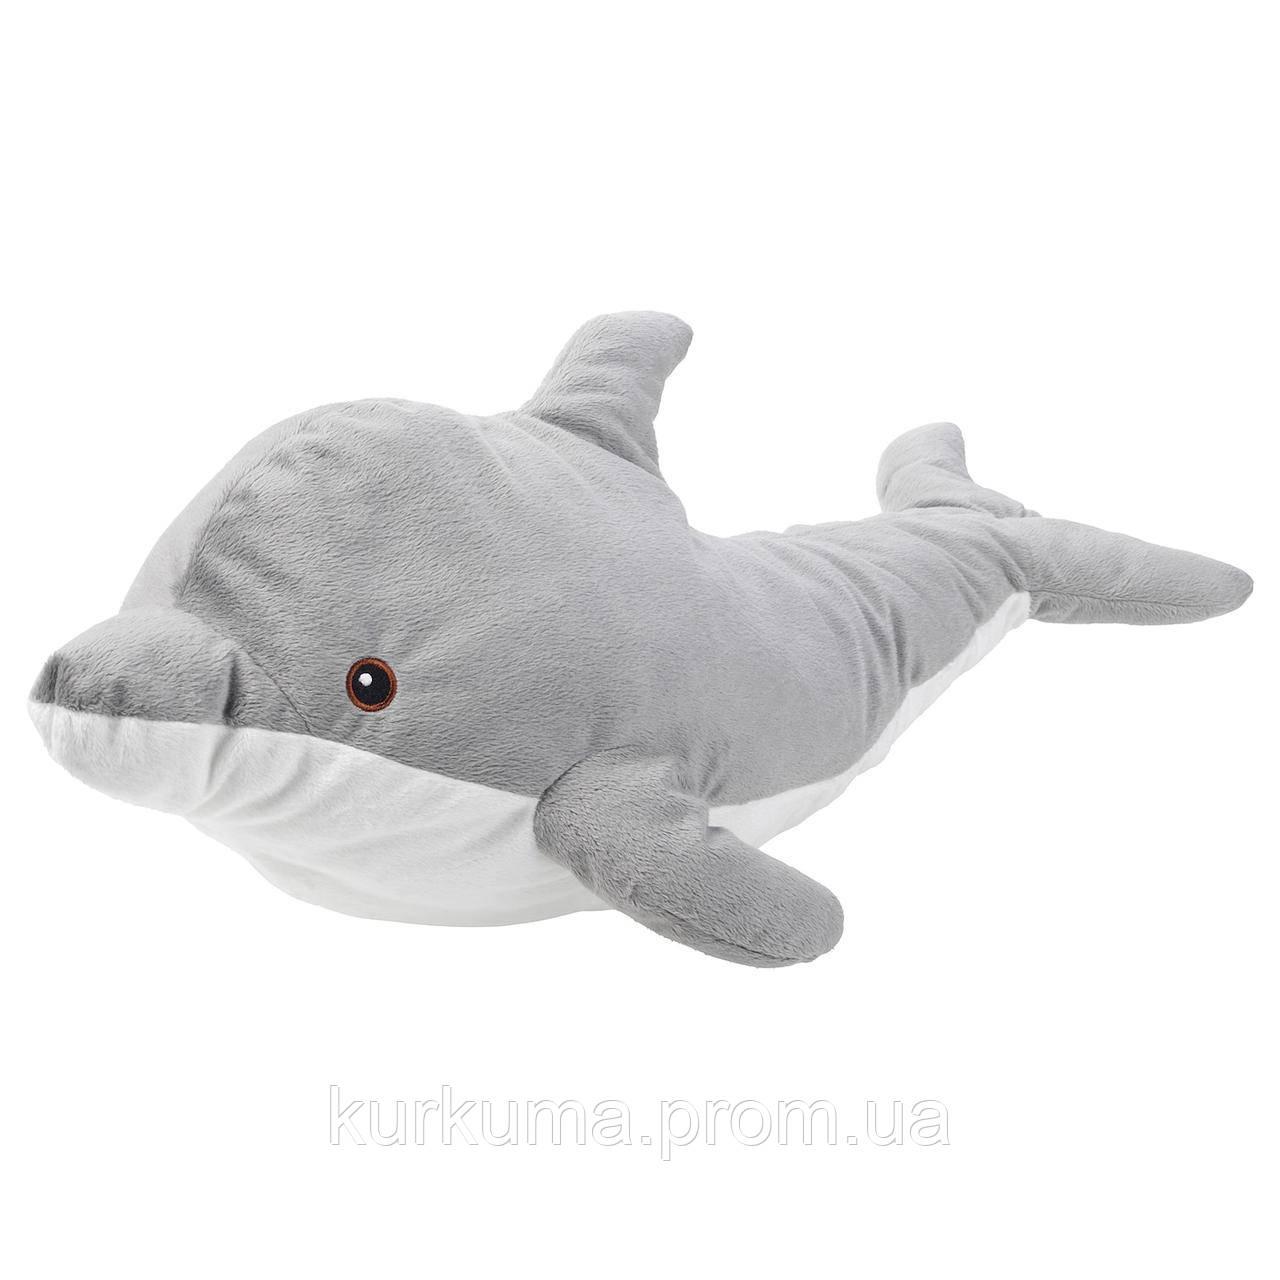 IKEA GENOMBLOT Мягкая игрушка, дельфин, 70 см (004.423.57)